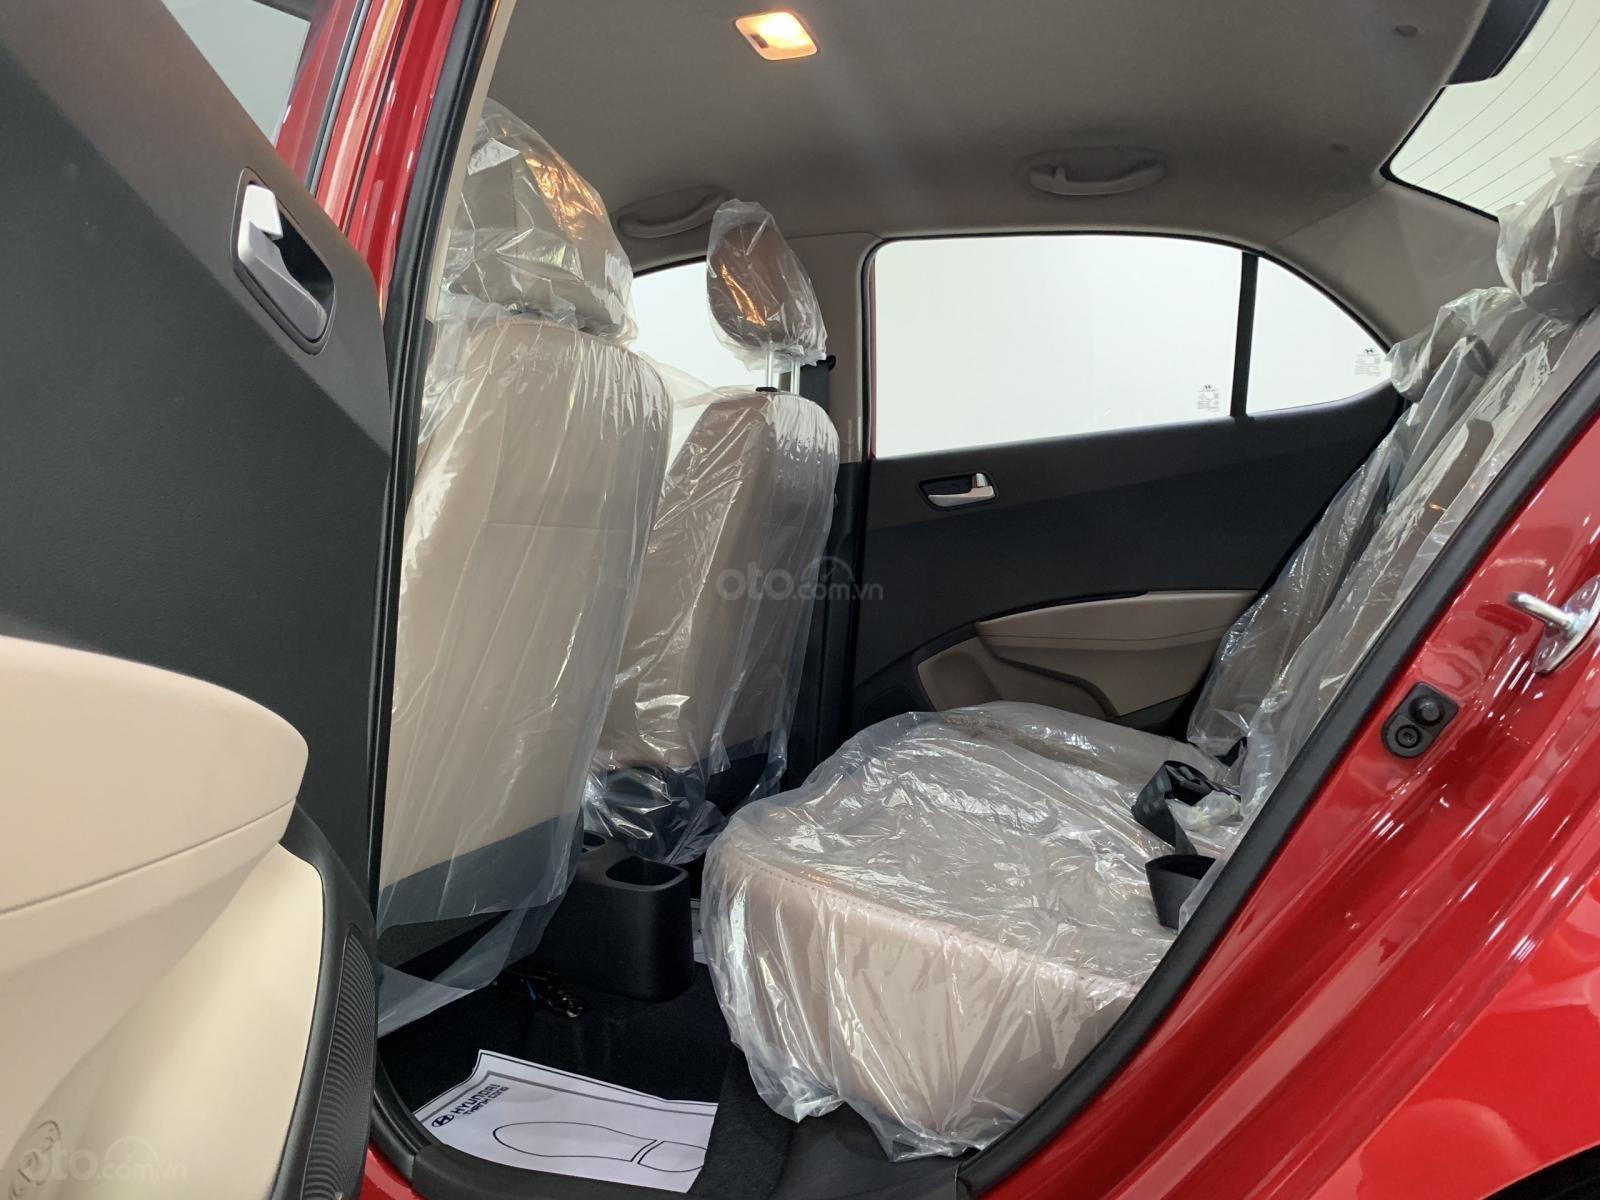 Hyundai Grand i10 sedan MT đỏ nhận xe ngay chỉ với 130tr, hỗ trợ đăng ký Grab, tặng bộ PK cao cấp, hỗ trợ vay trả góp (7)